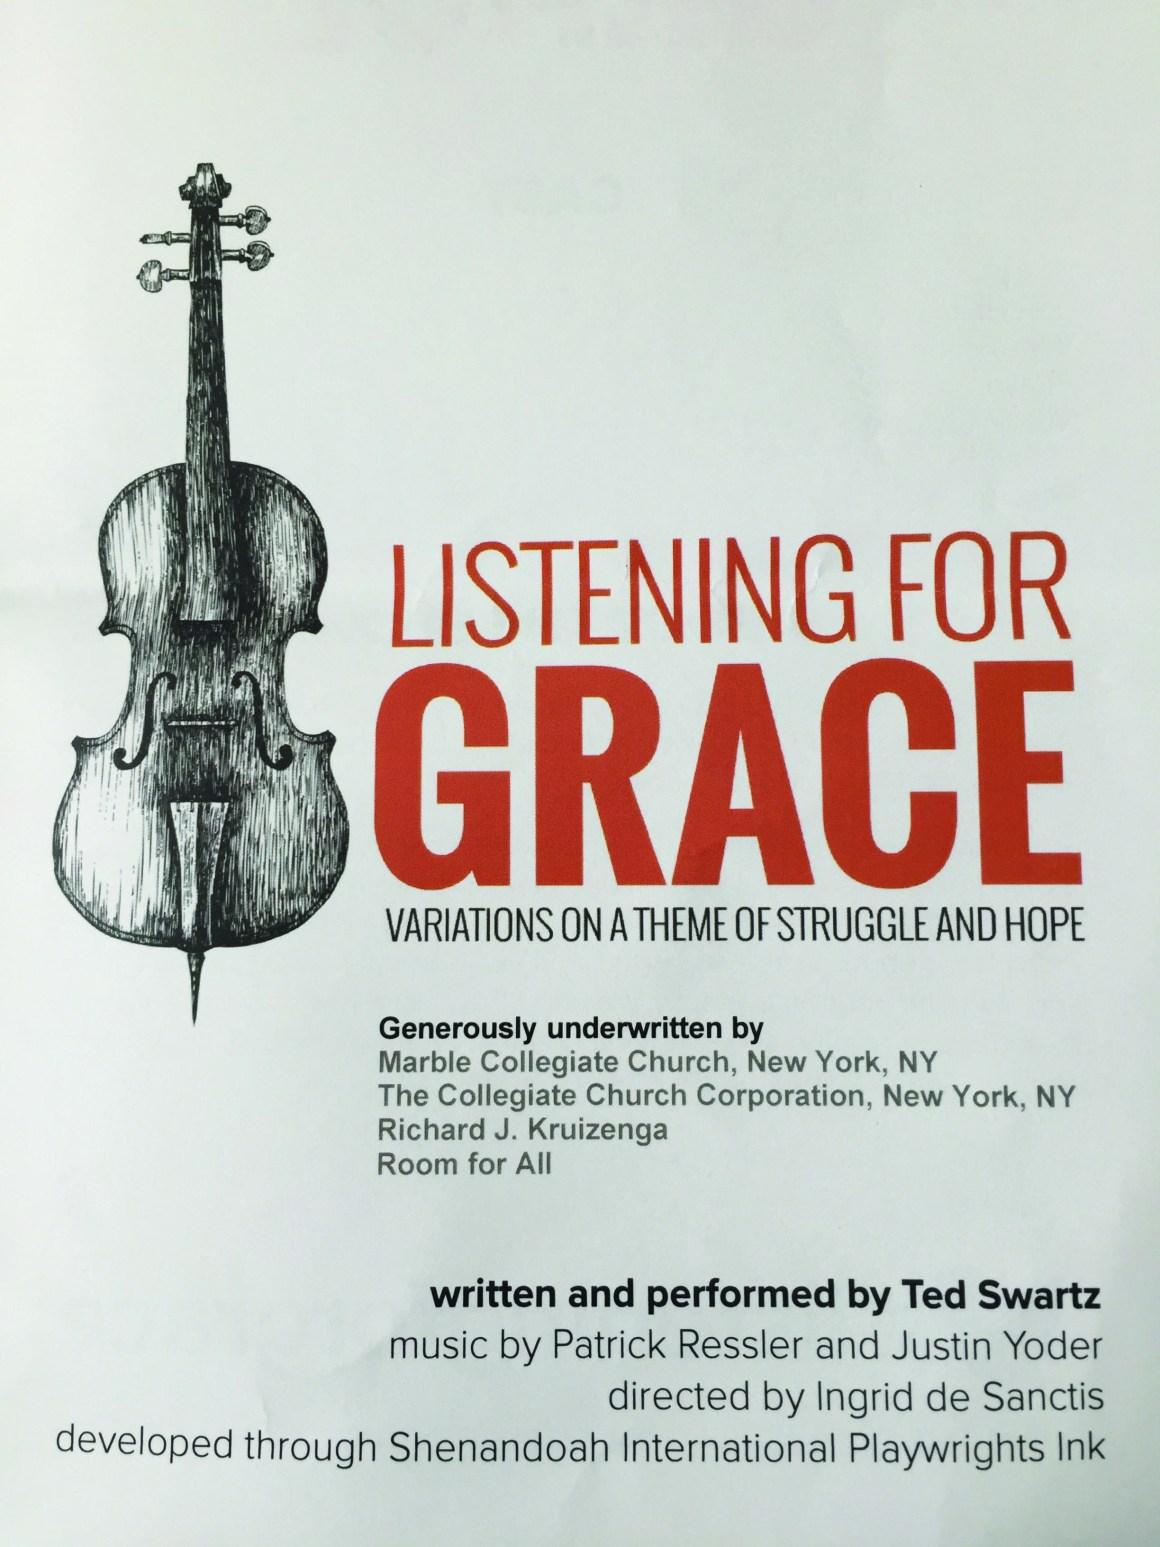 Listening for Grace